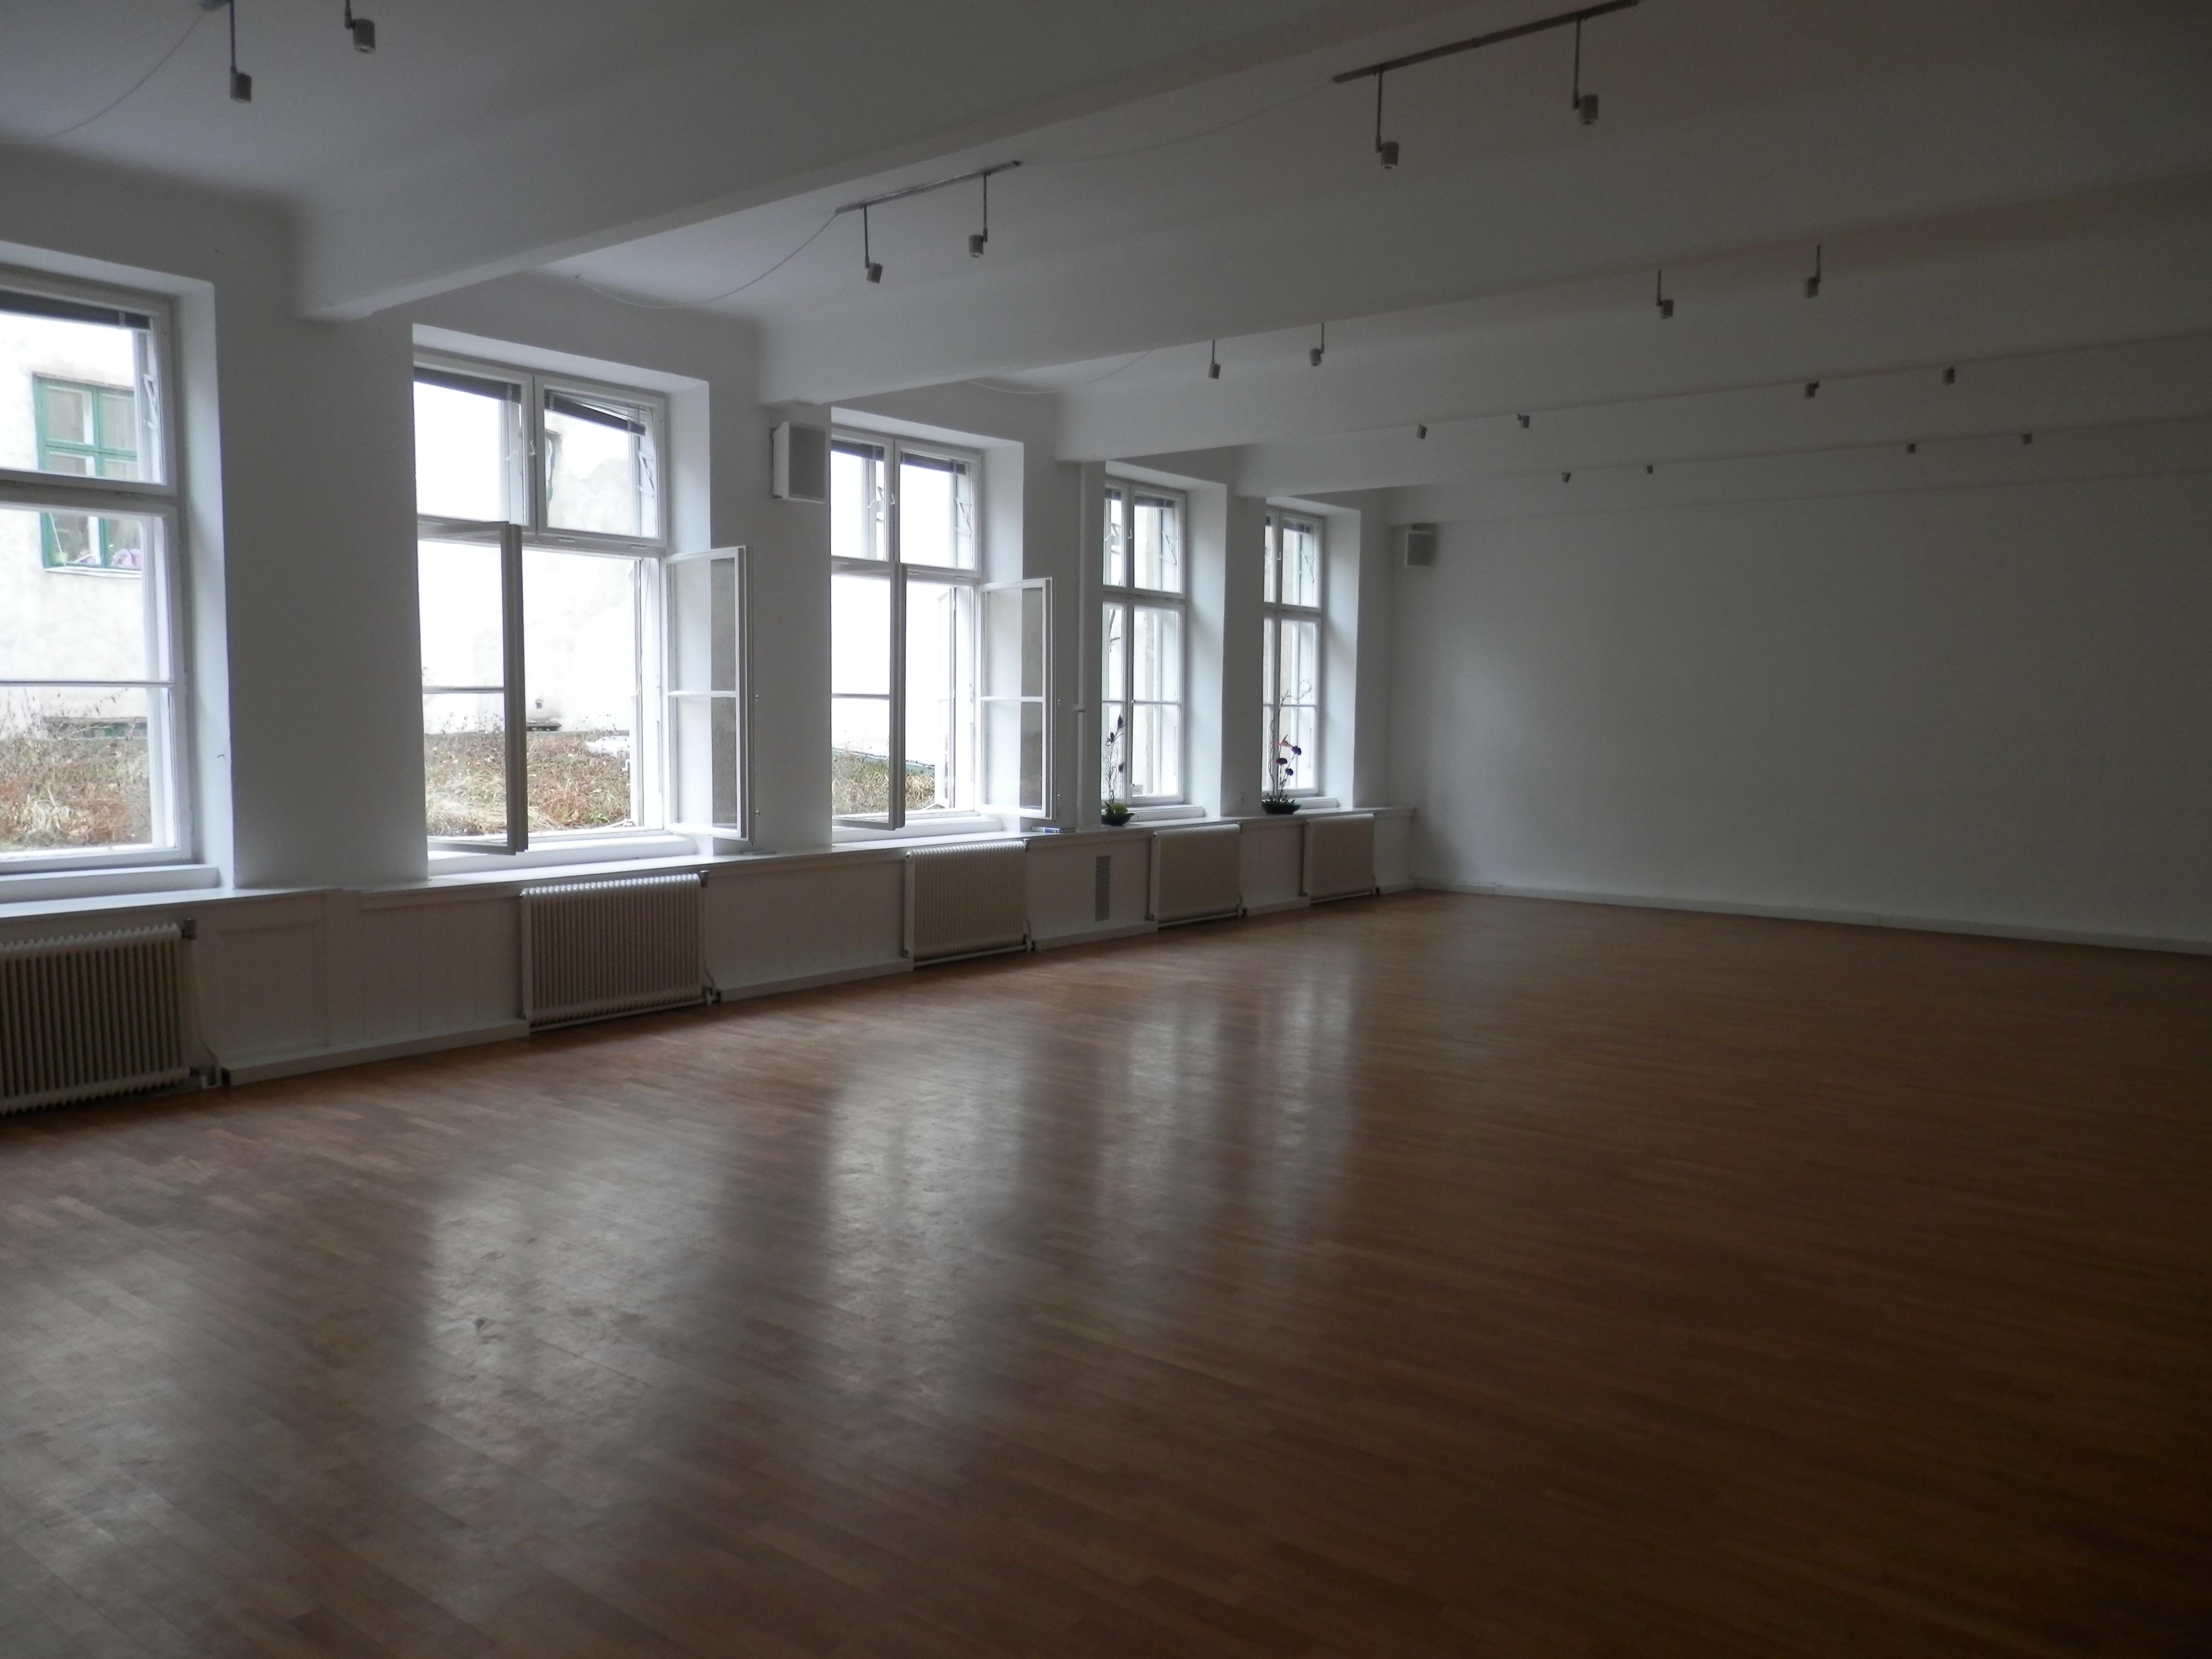 ausbildung-für-tanz-und-bewegung-tanzpaedagogik- wien